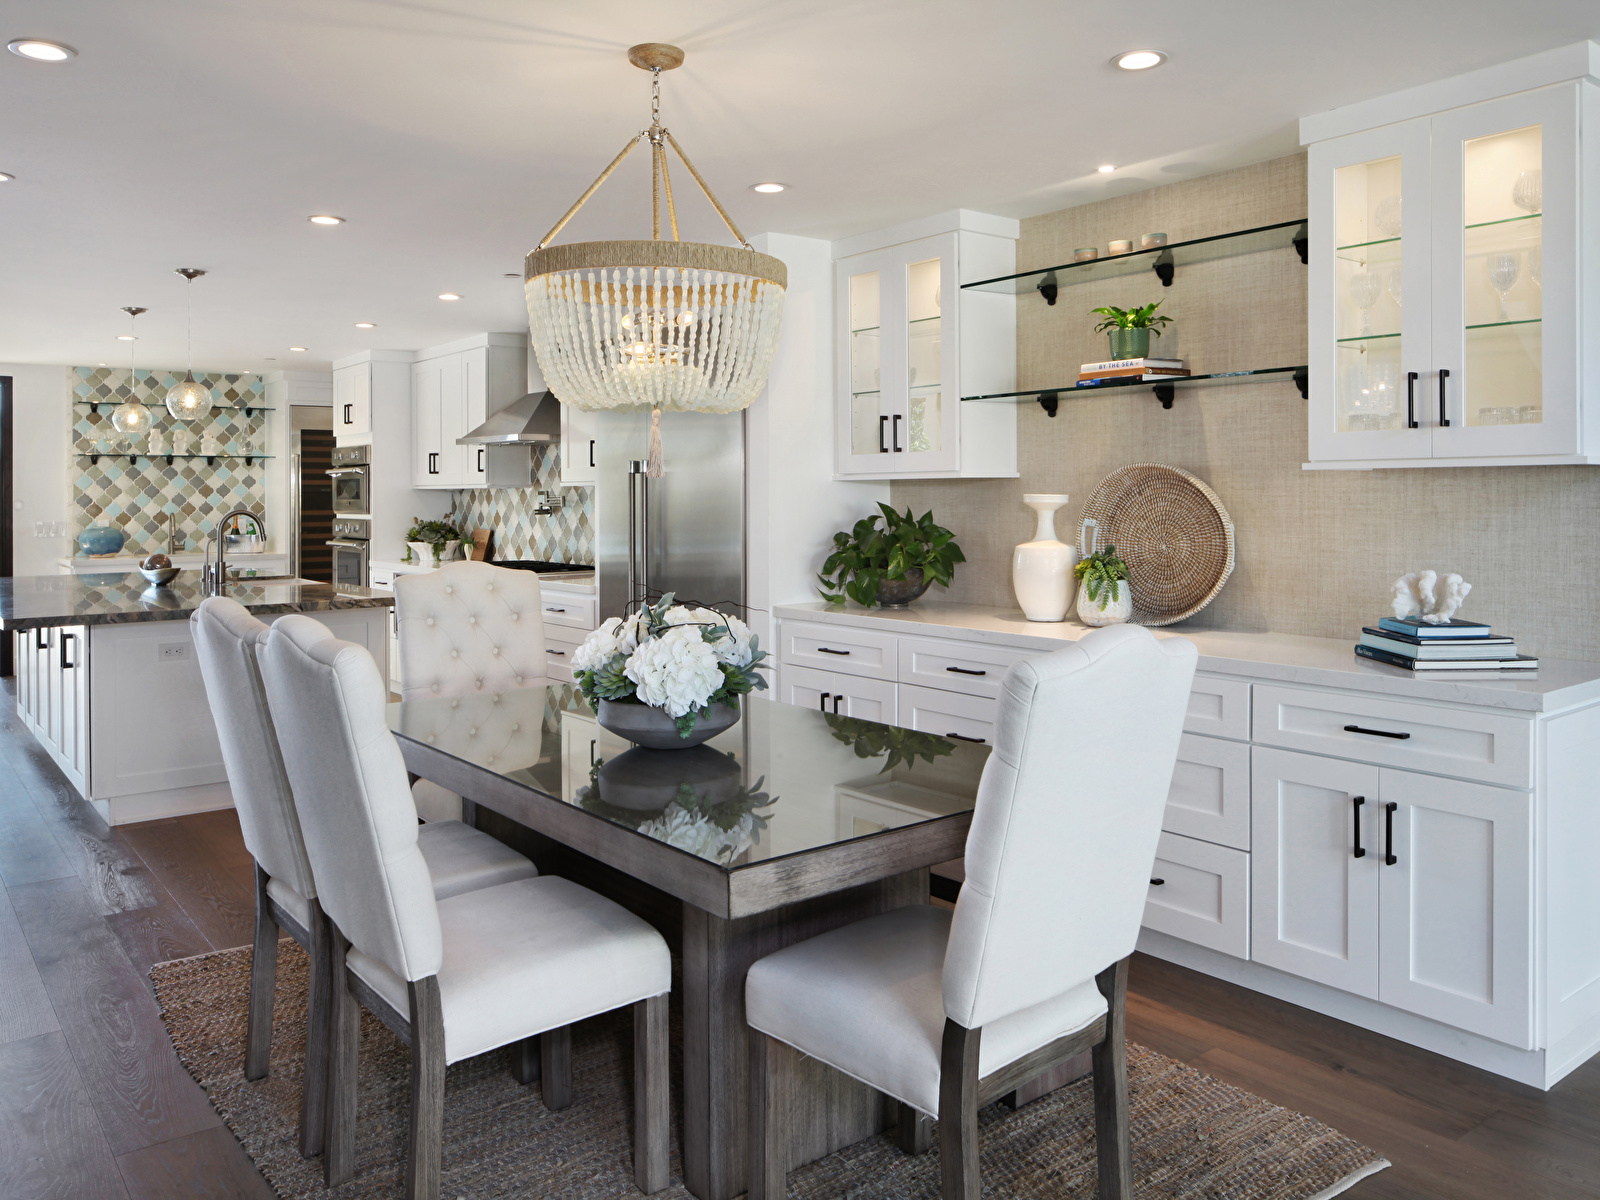 Fotos Küche Innenarchitektur Tisch Stuhl Kronleuchter Design 1600x1200 Lüster Stühle